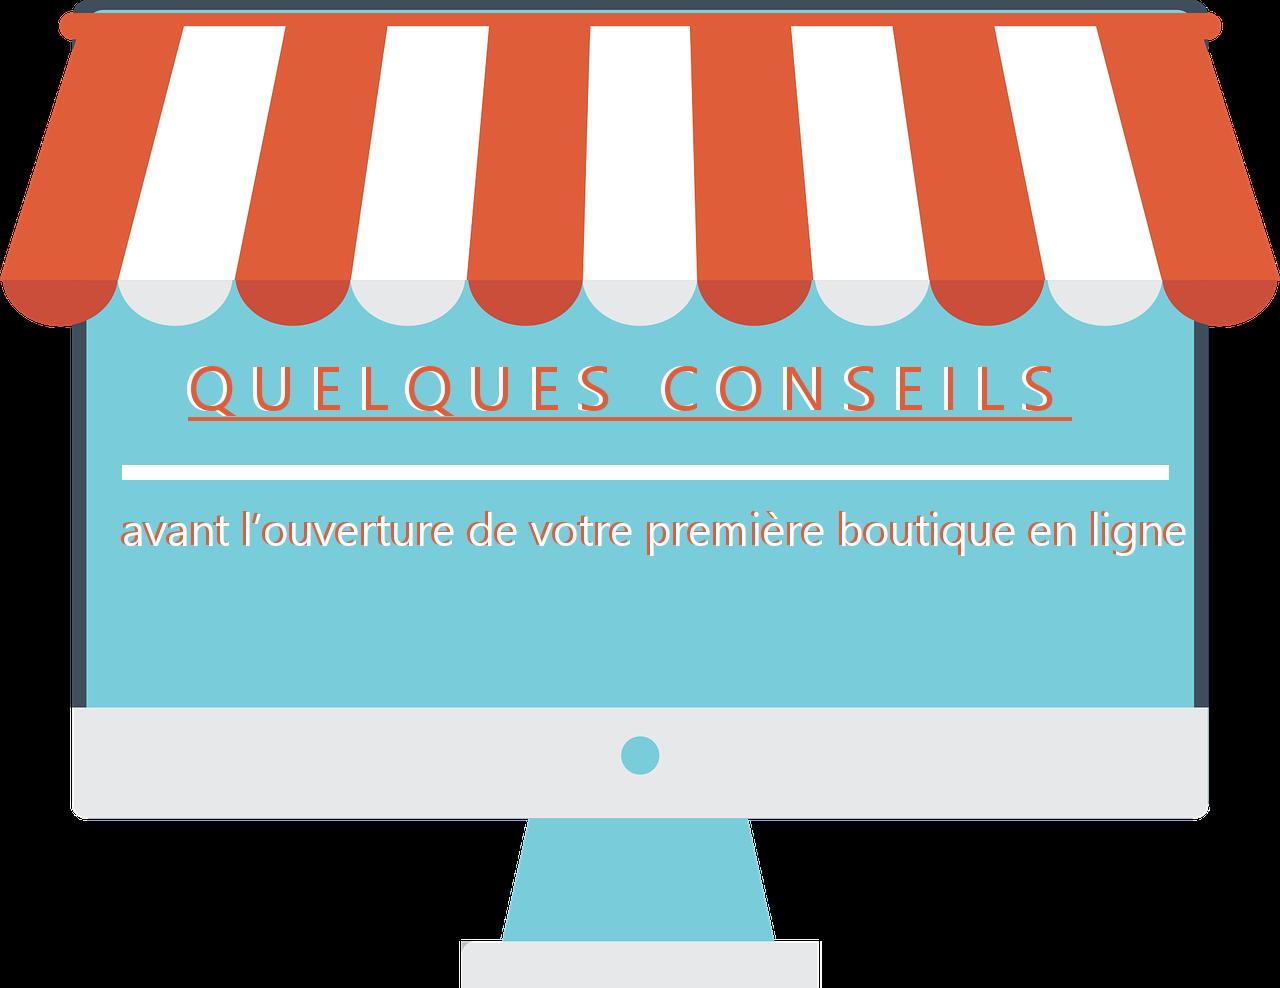 Quelques conseils avant l'ouverture de votre première boutique en ligne